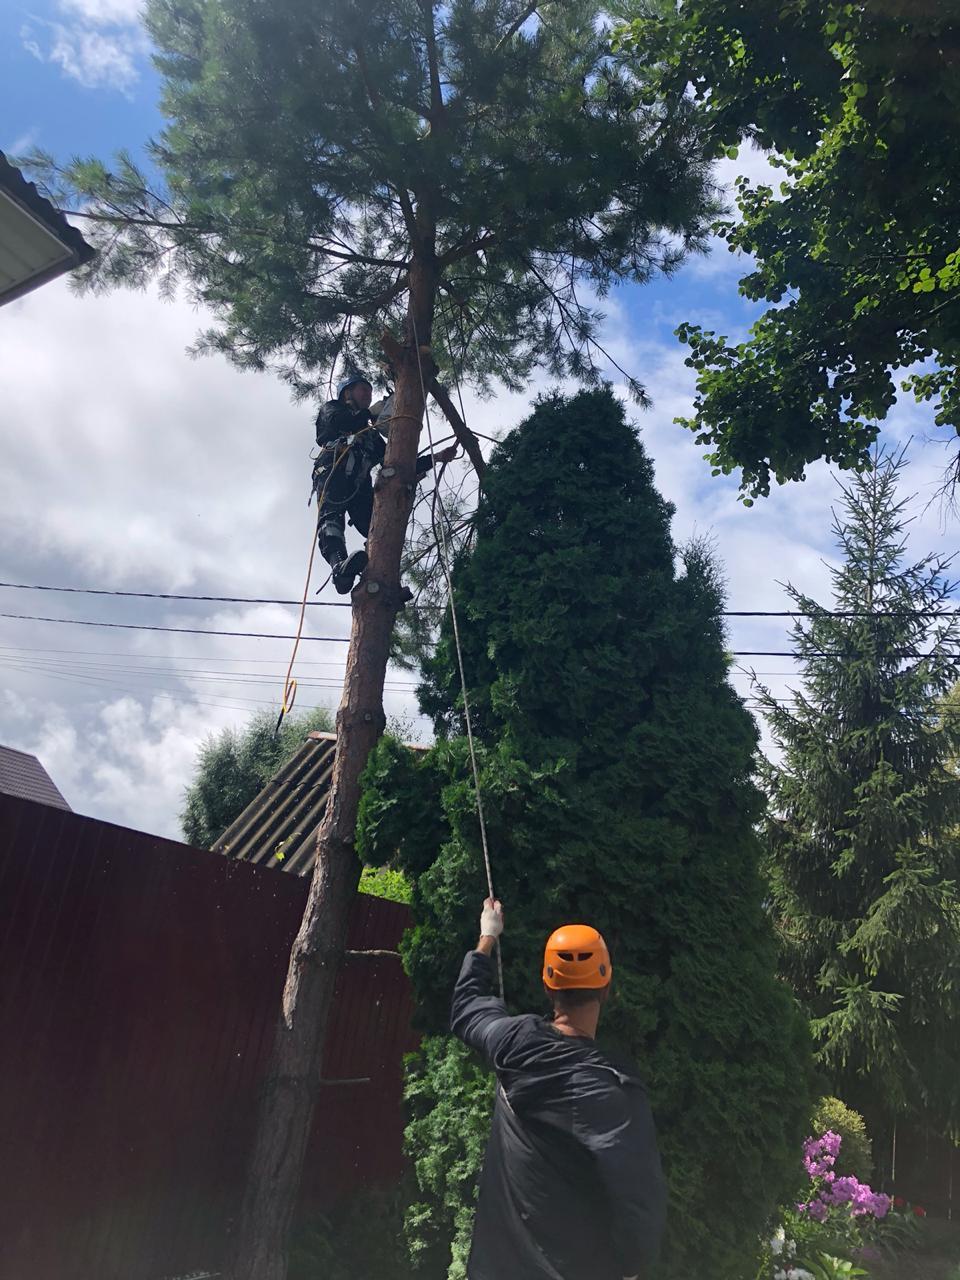 группы вырубают деревья картинки кого есть отрядные